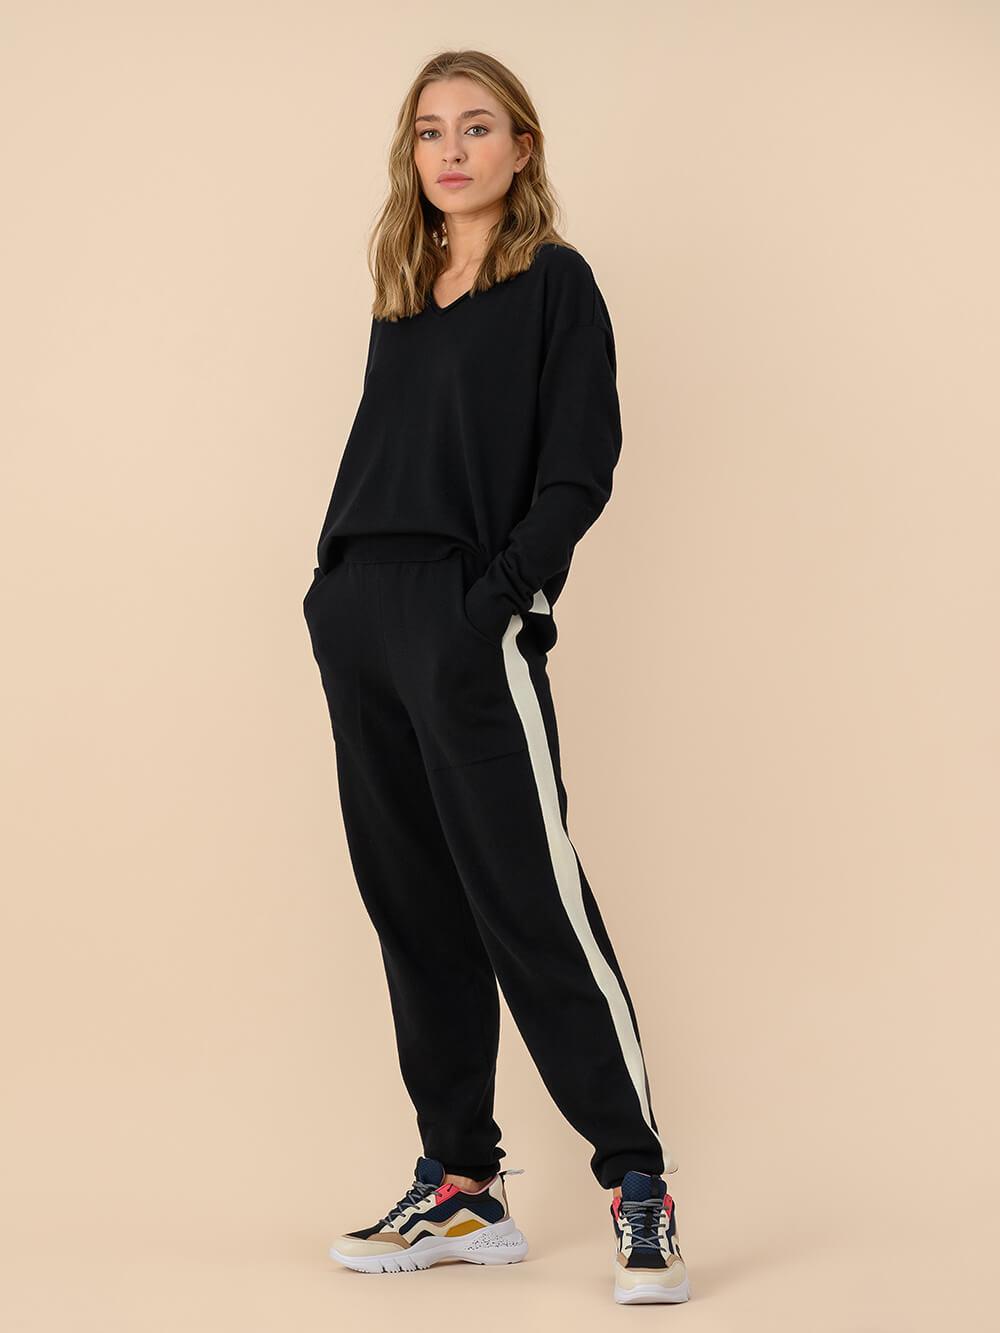 Женские брюки черного цвета из 100% шерсти - фото 1